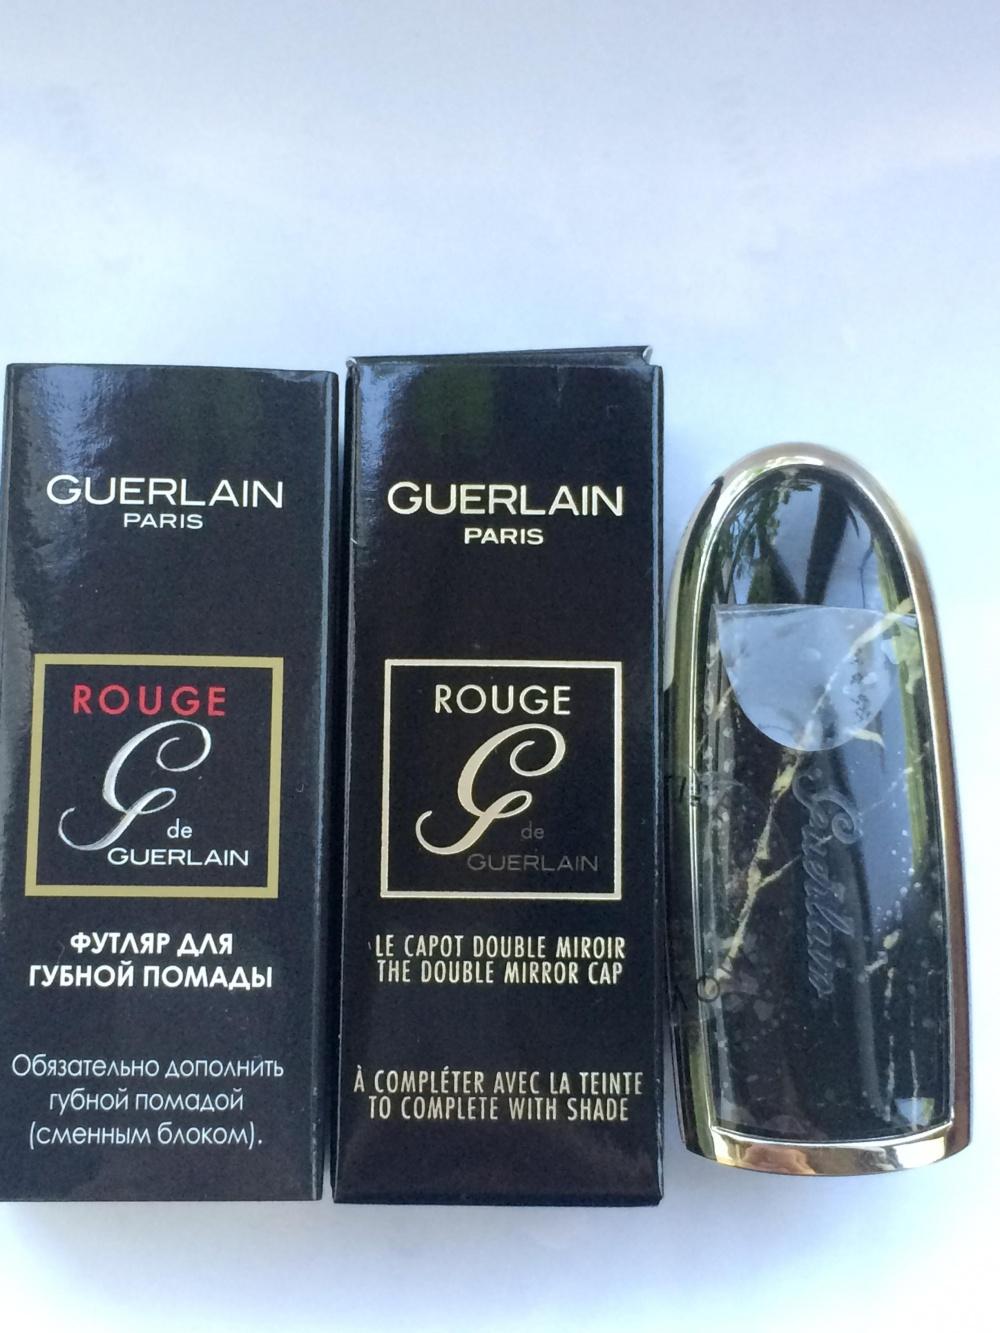 Футляр с зеркалом Neo-Gothic для помады Rouge G De Guerlain